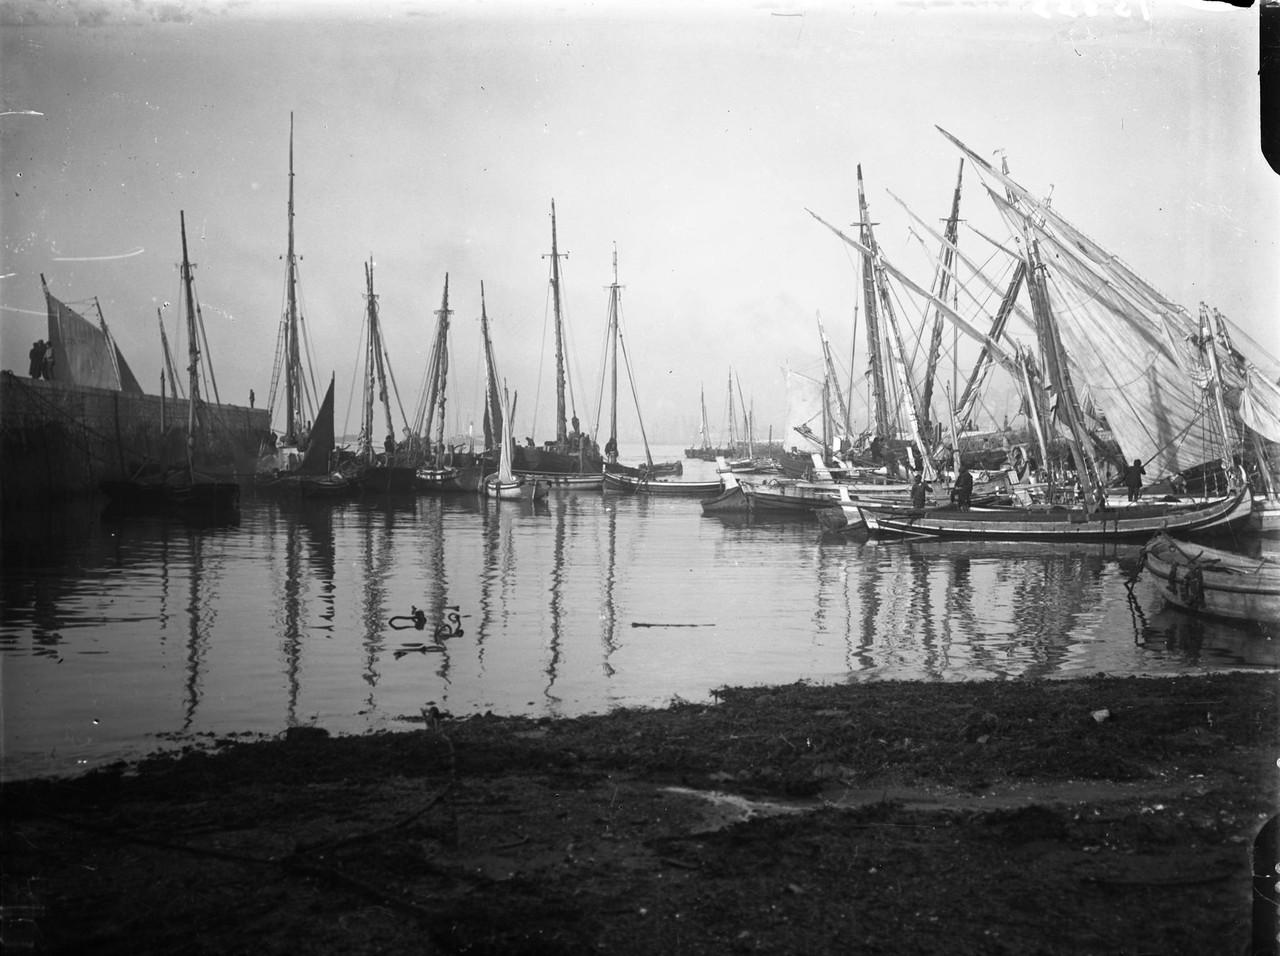 Embarcações no rio Tejo, foto de Chaves.jpg